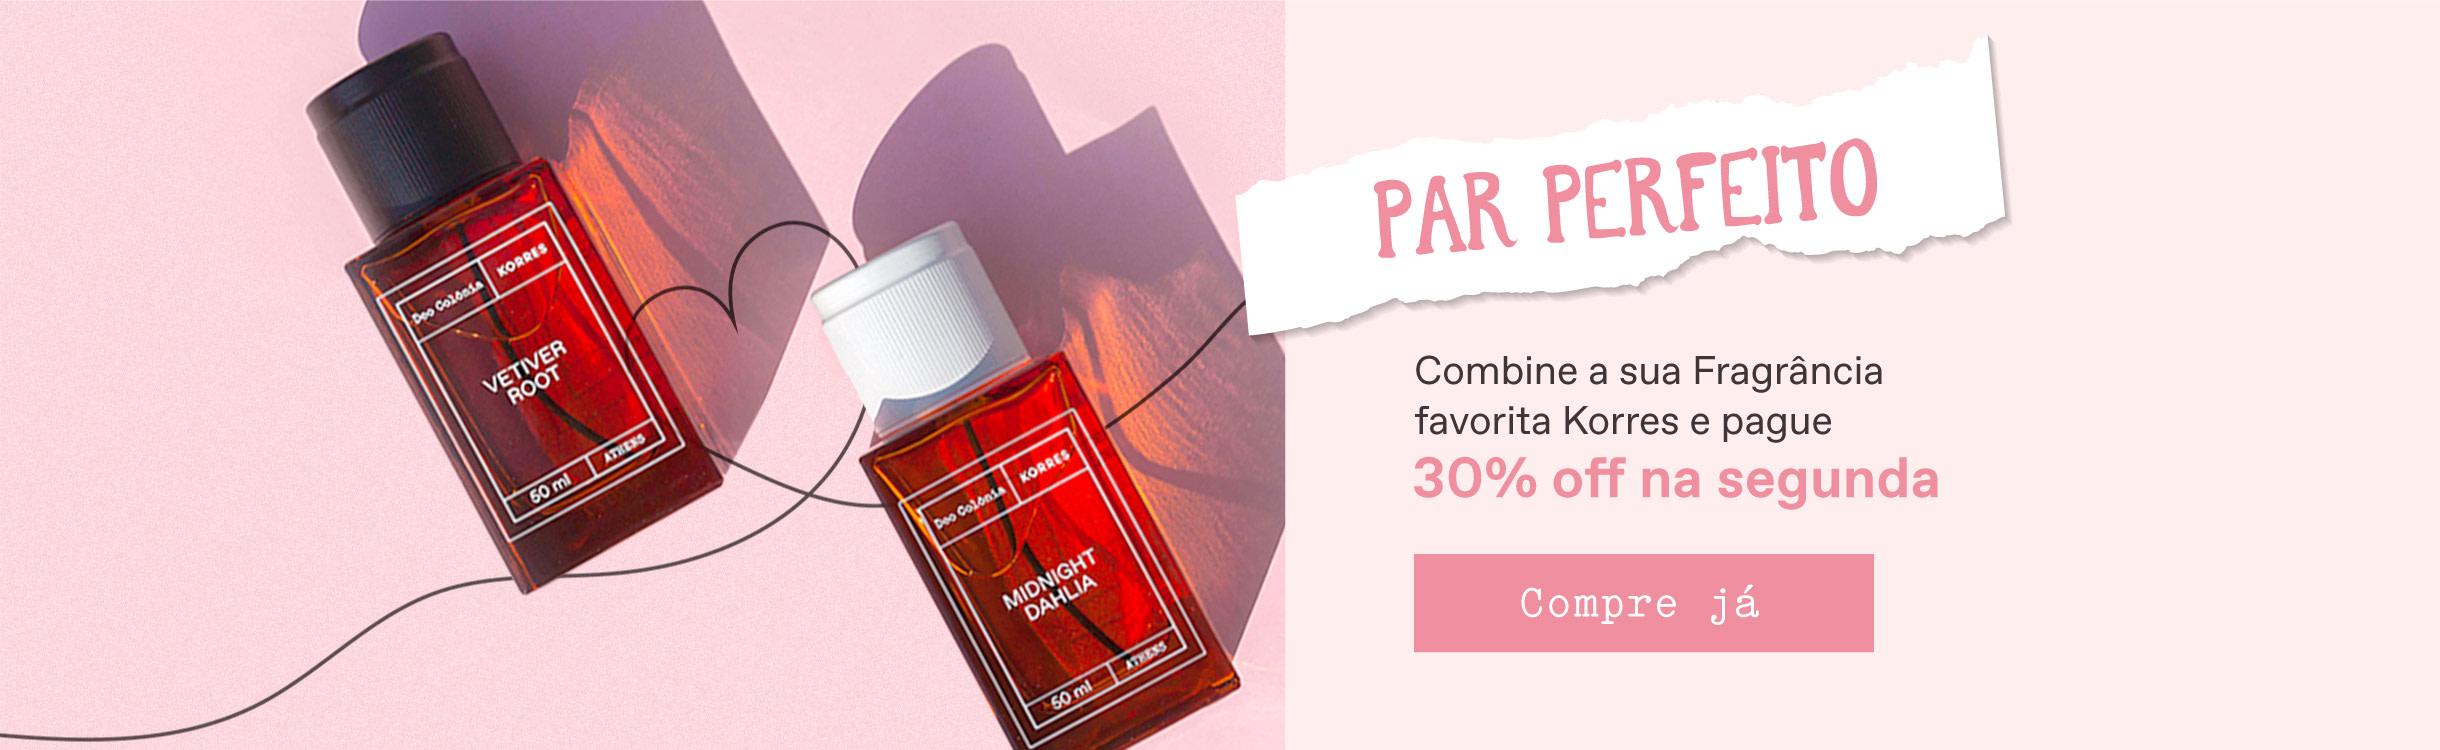 Perfumes e fragrâncias Korres